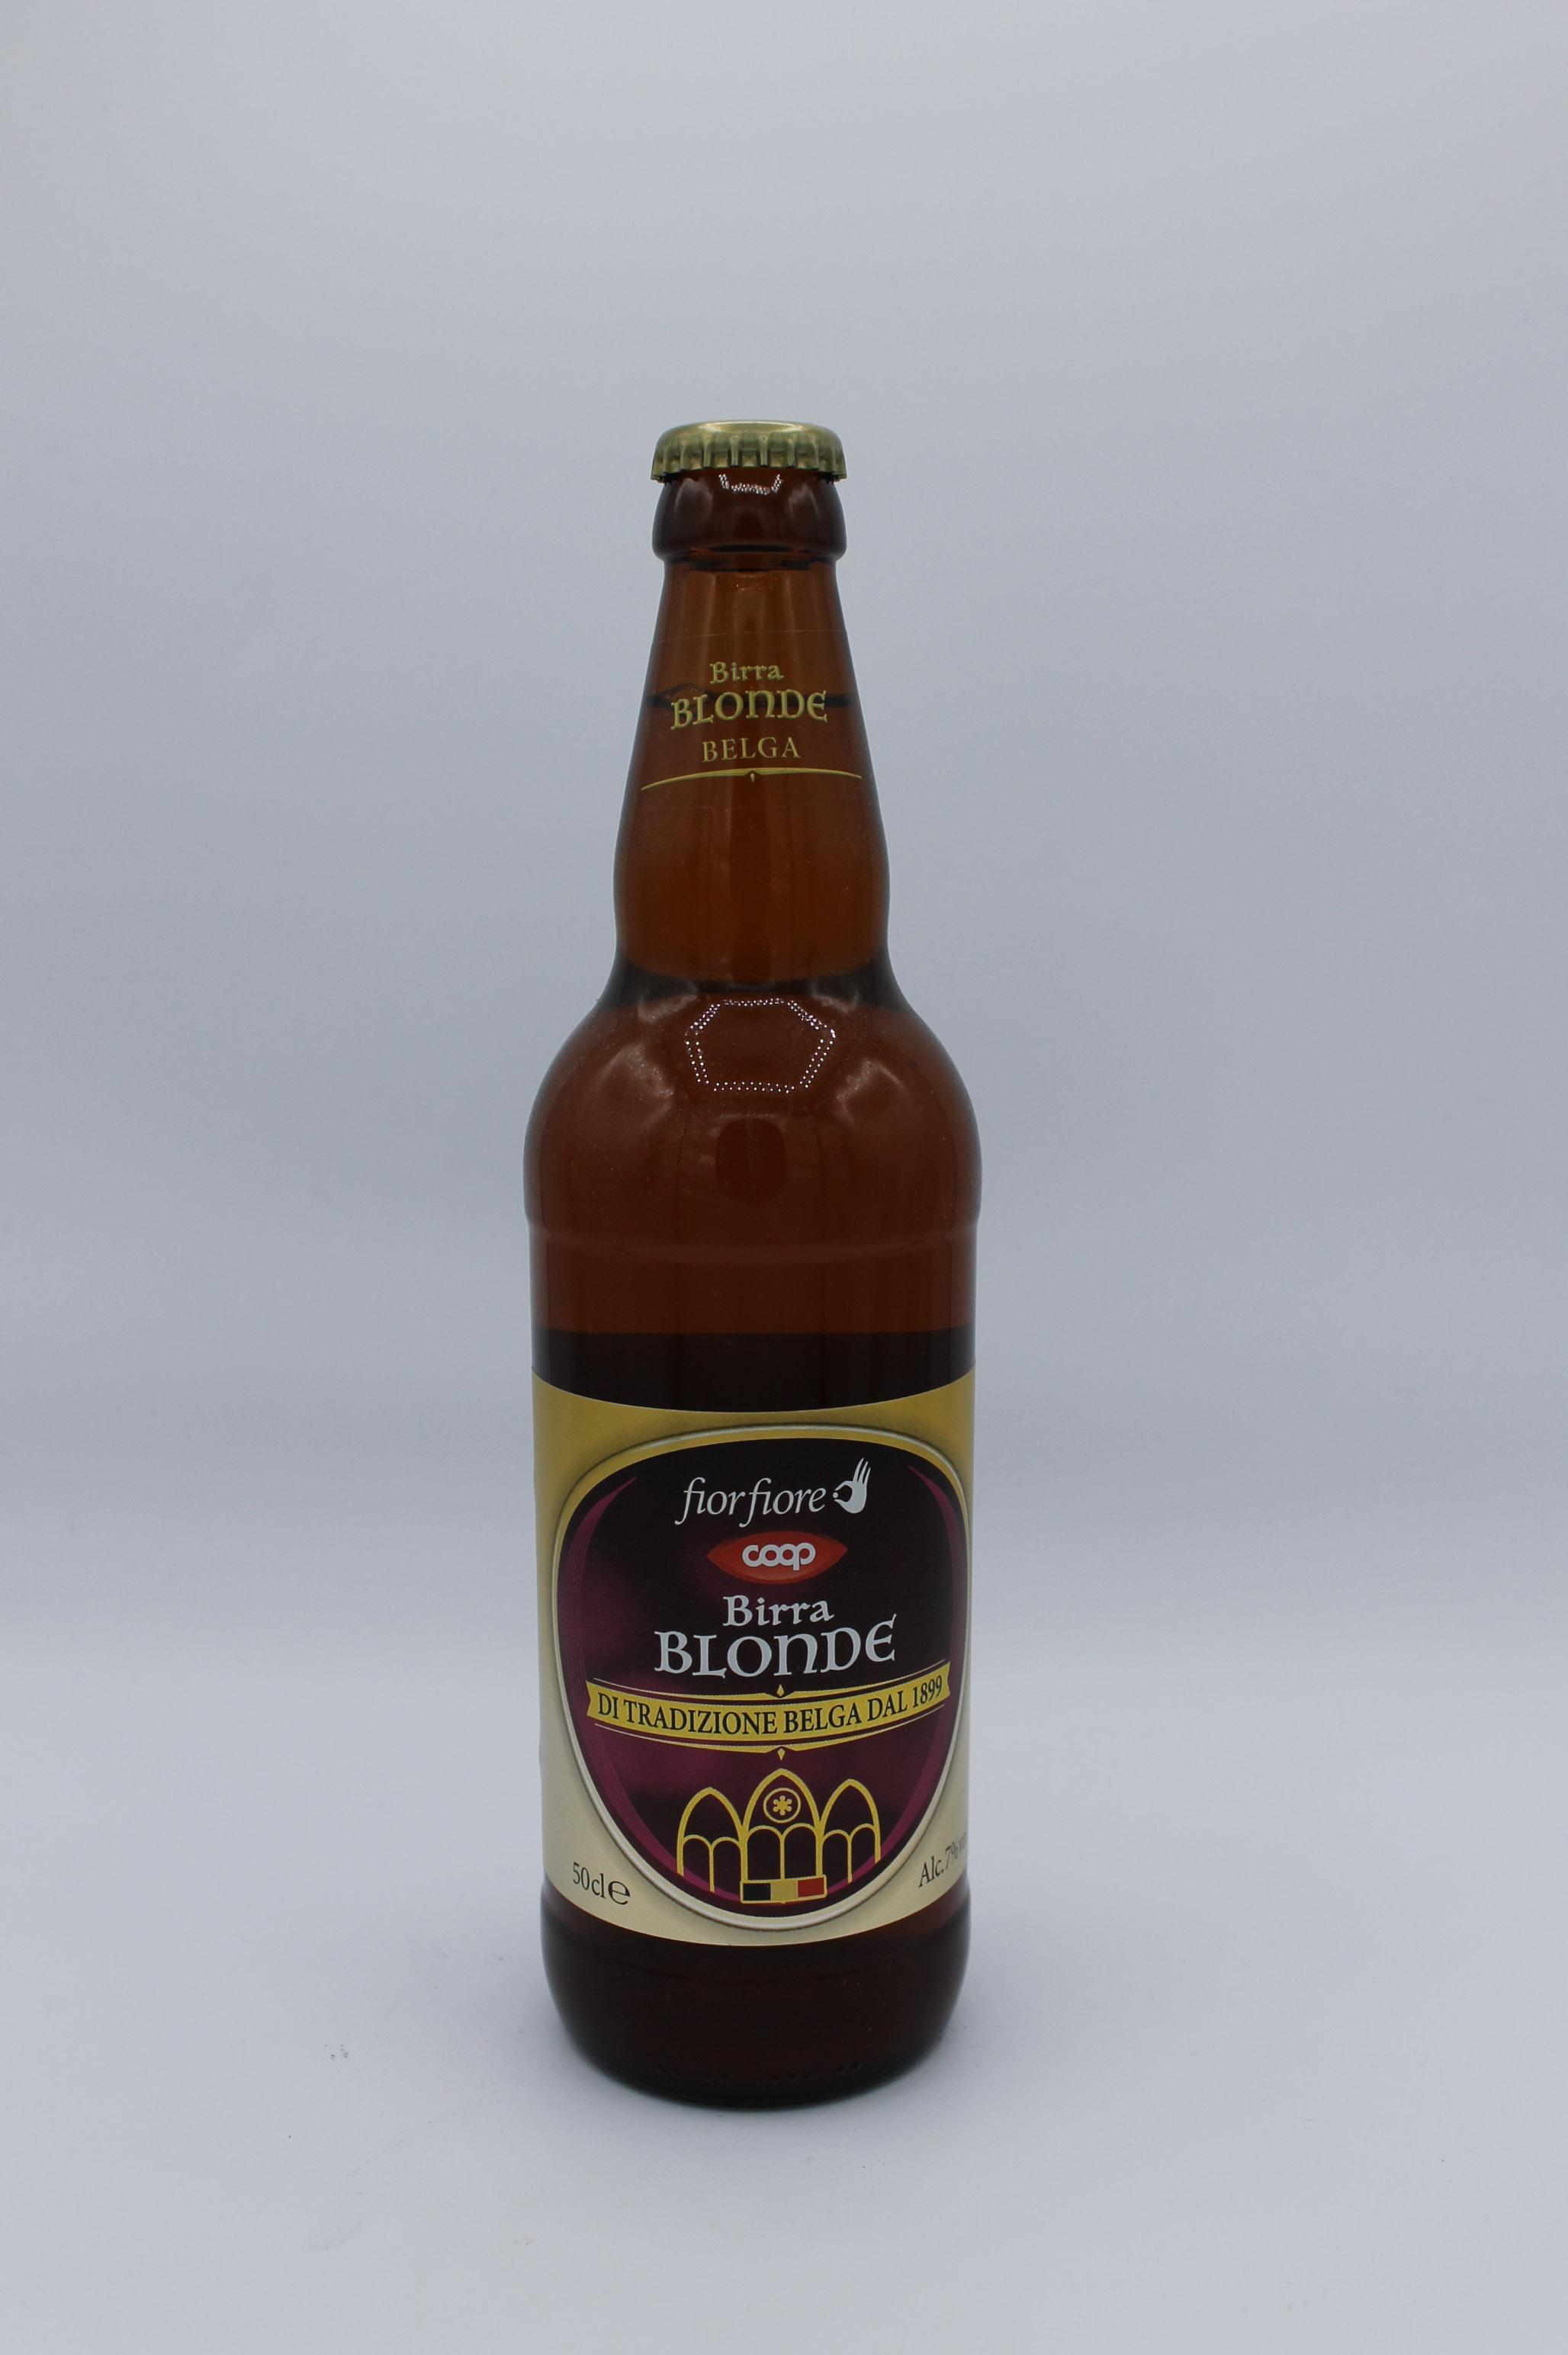 Fior fiore coop birra blonde 500ml.